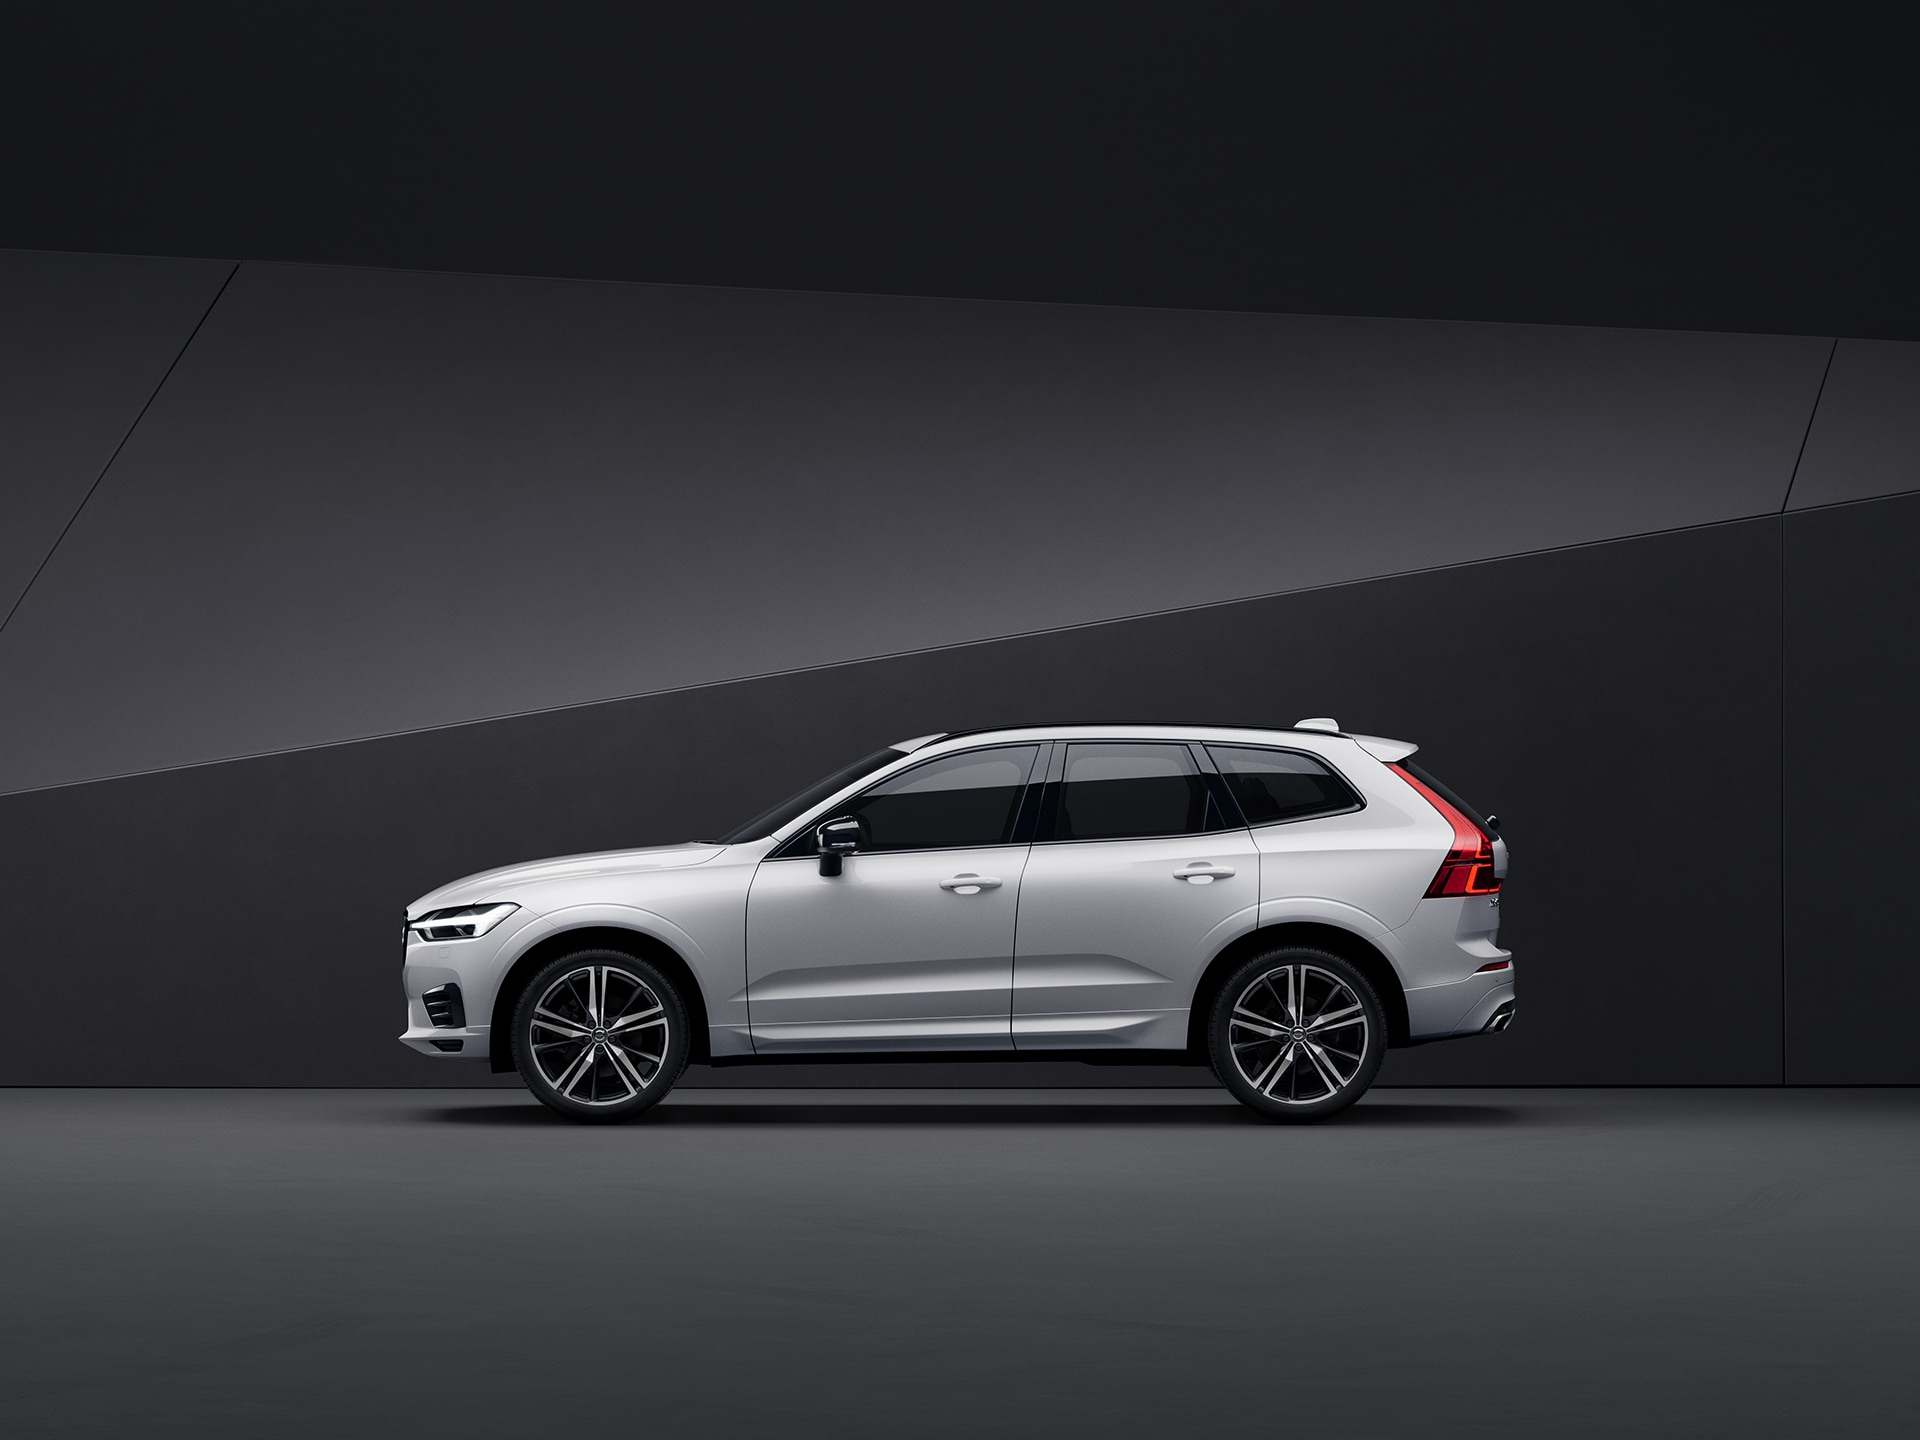 Ένα λευκό Volvo XC60 σταθμευμένο σε μαύρο περιβάλλον